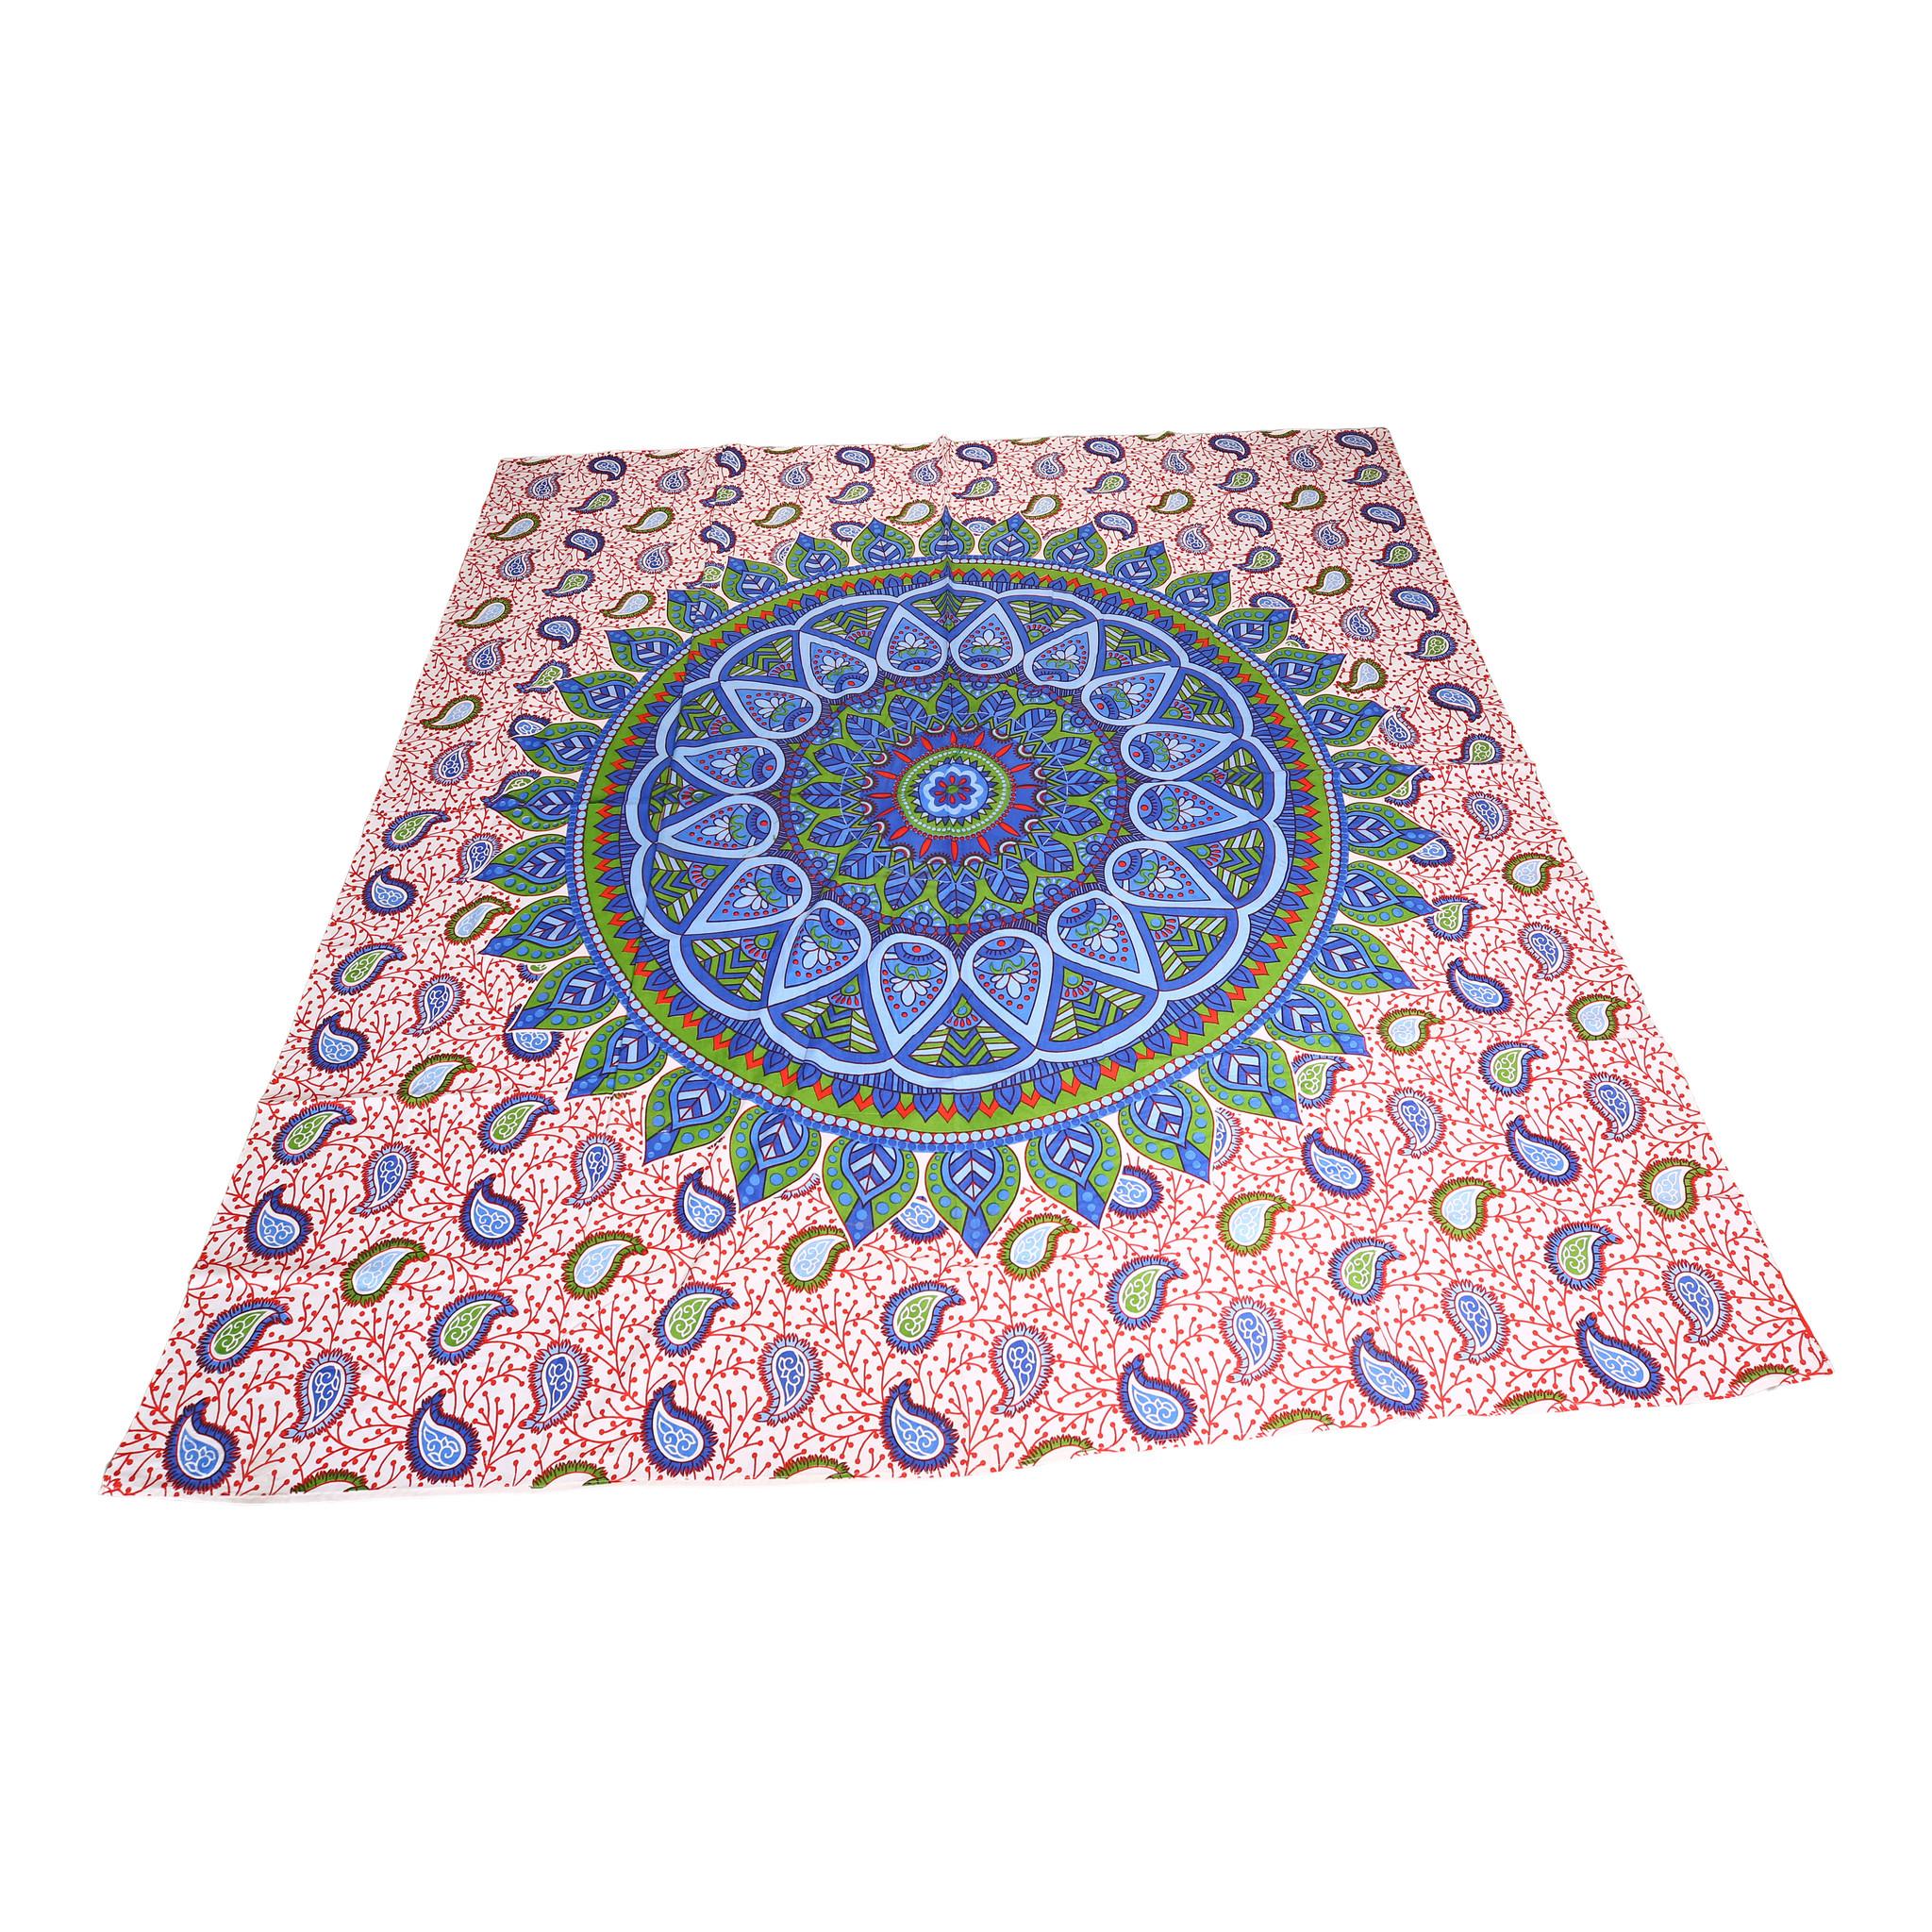 Myroundie Myroundie - roundie - vierkant strandlaken XL – yoga kleed- speelkleed - picknickkleed -100% katoen – Q5